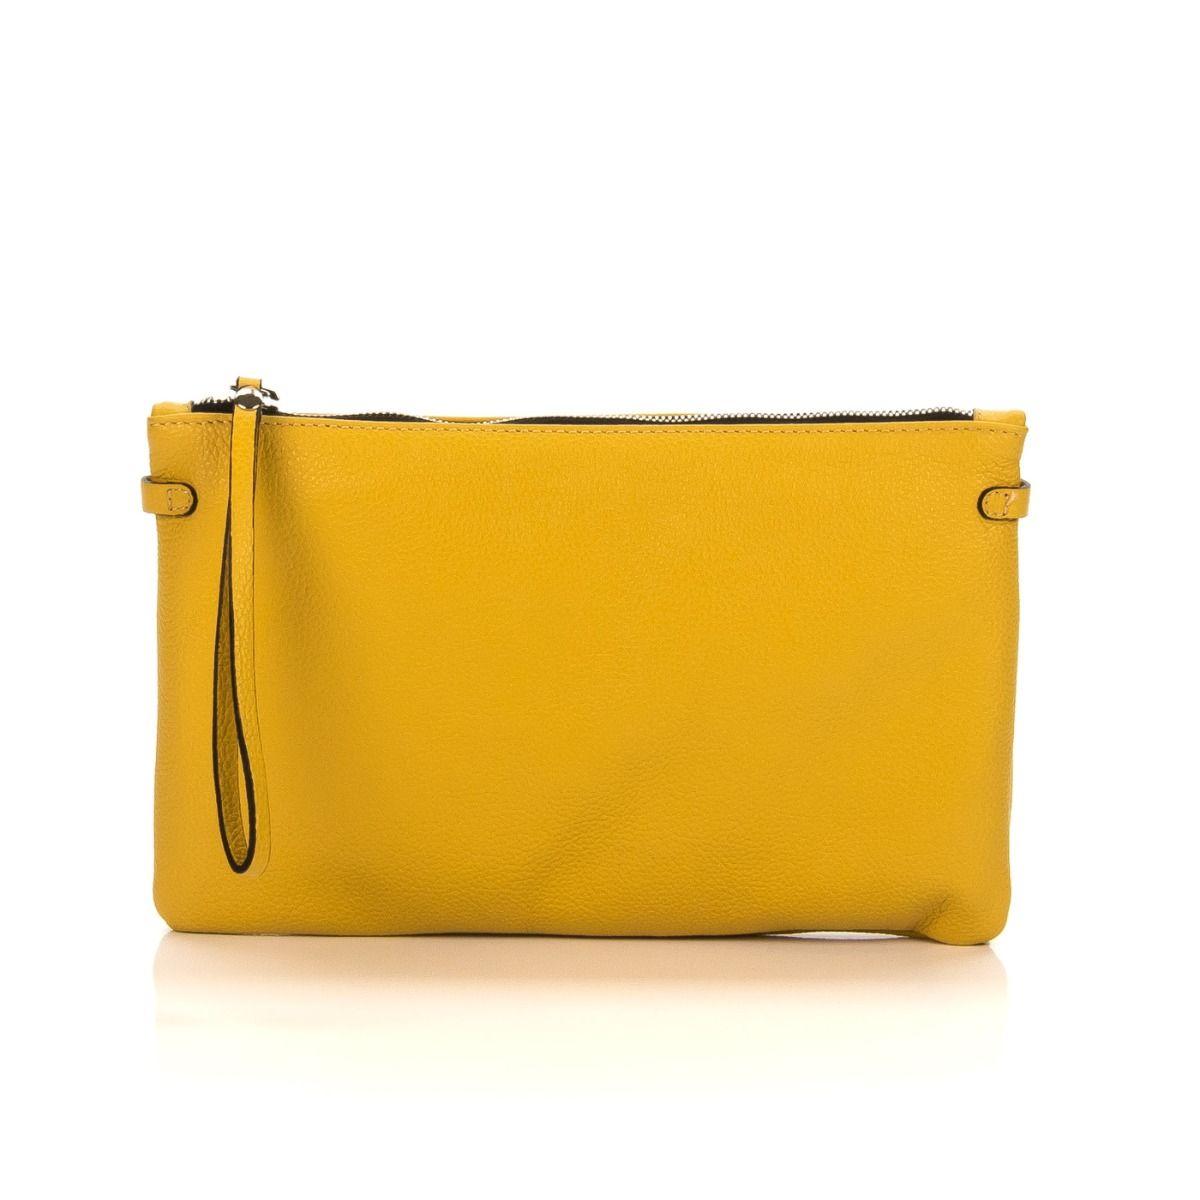 pelle donna gialla in GIANNI da bottalata OLX CHIARINI Bustina 3695 Iqw56txw